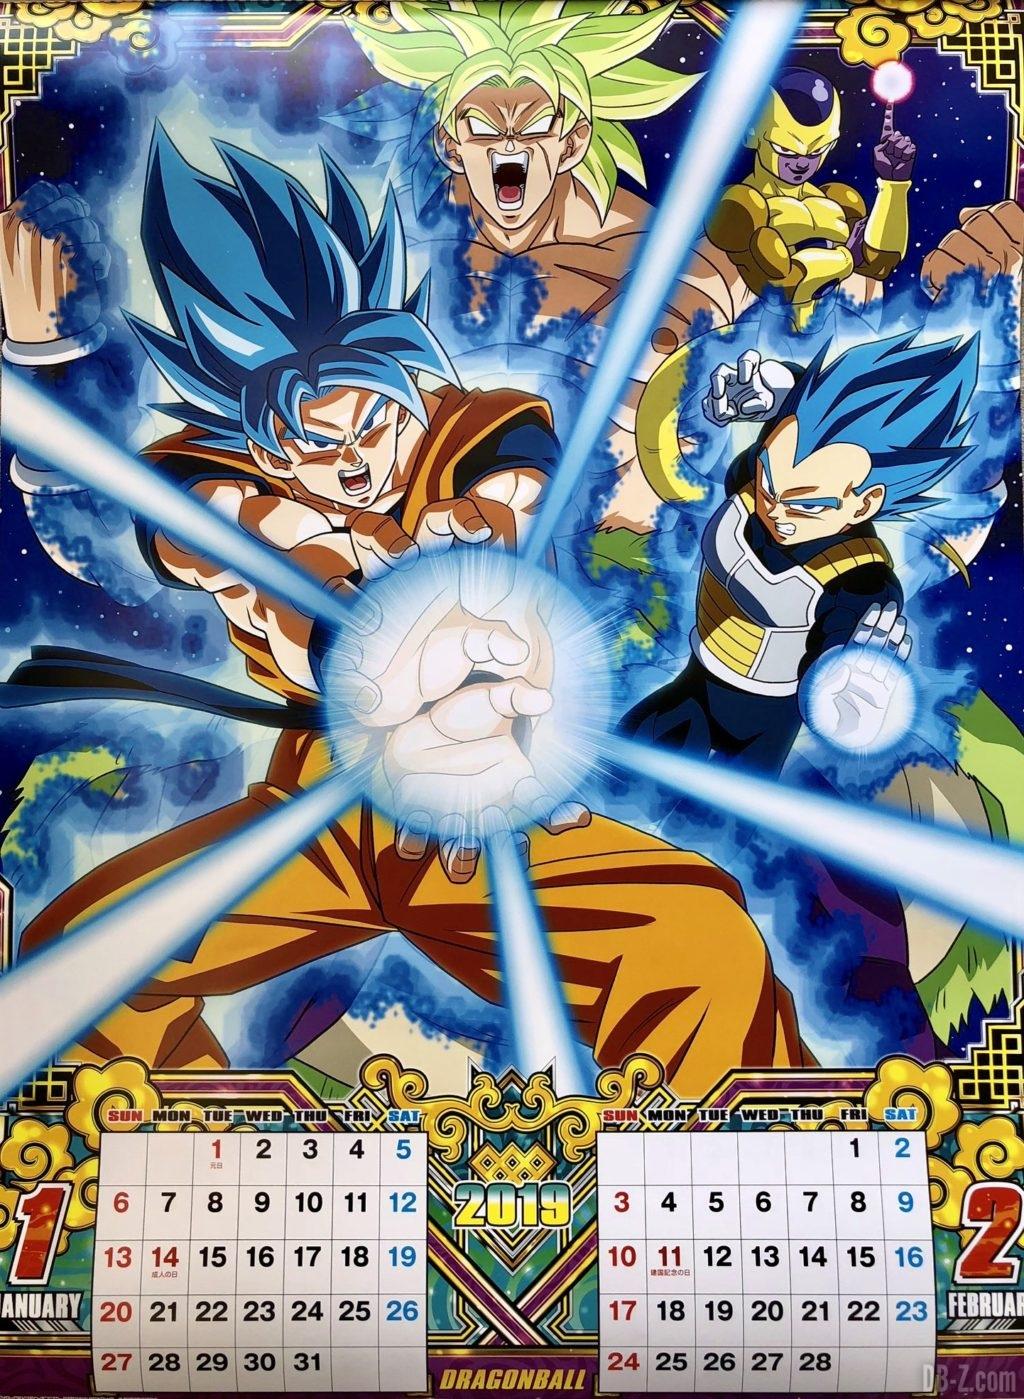 Calendrier Dragon Ball 2019 Japon - Janvier Février